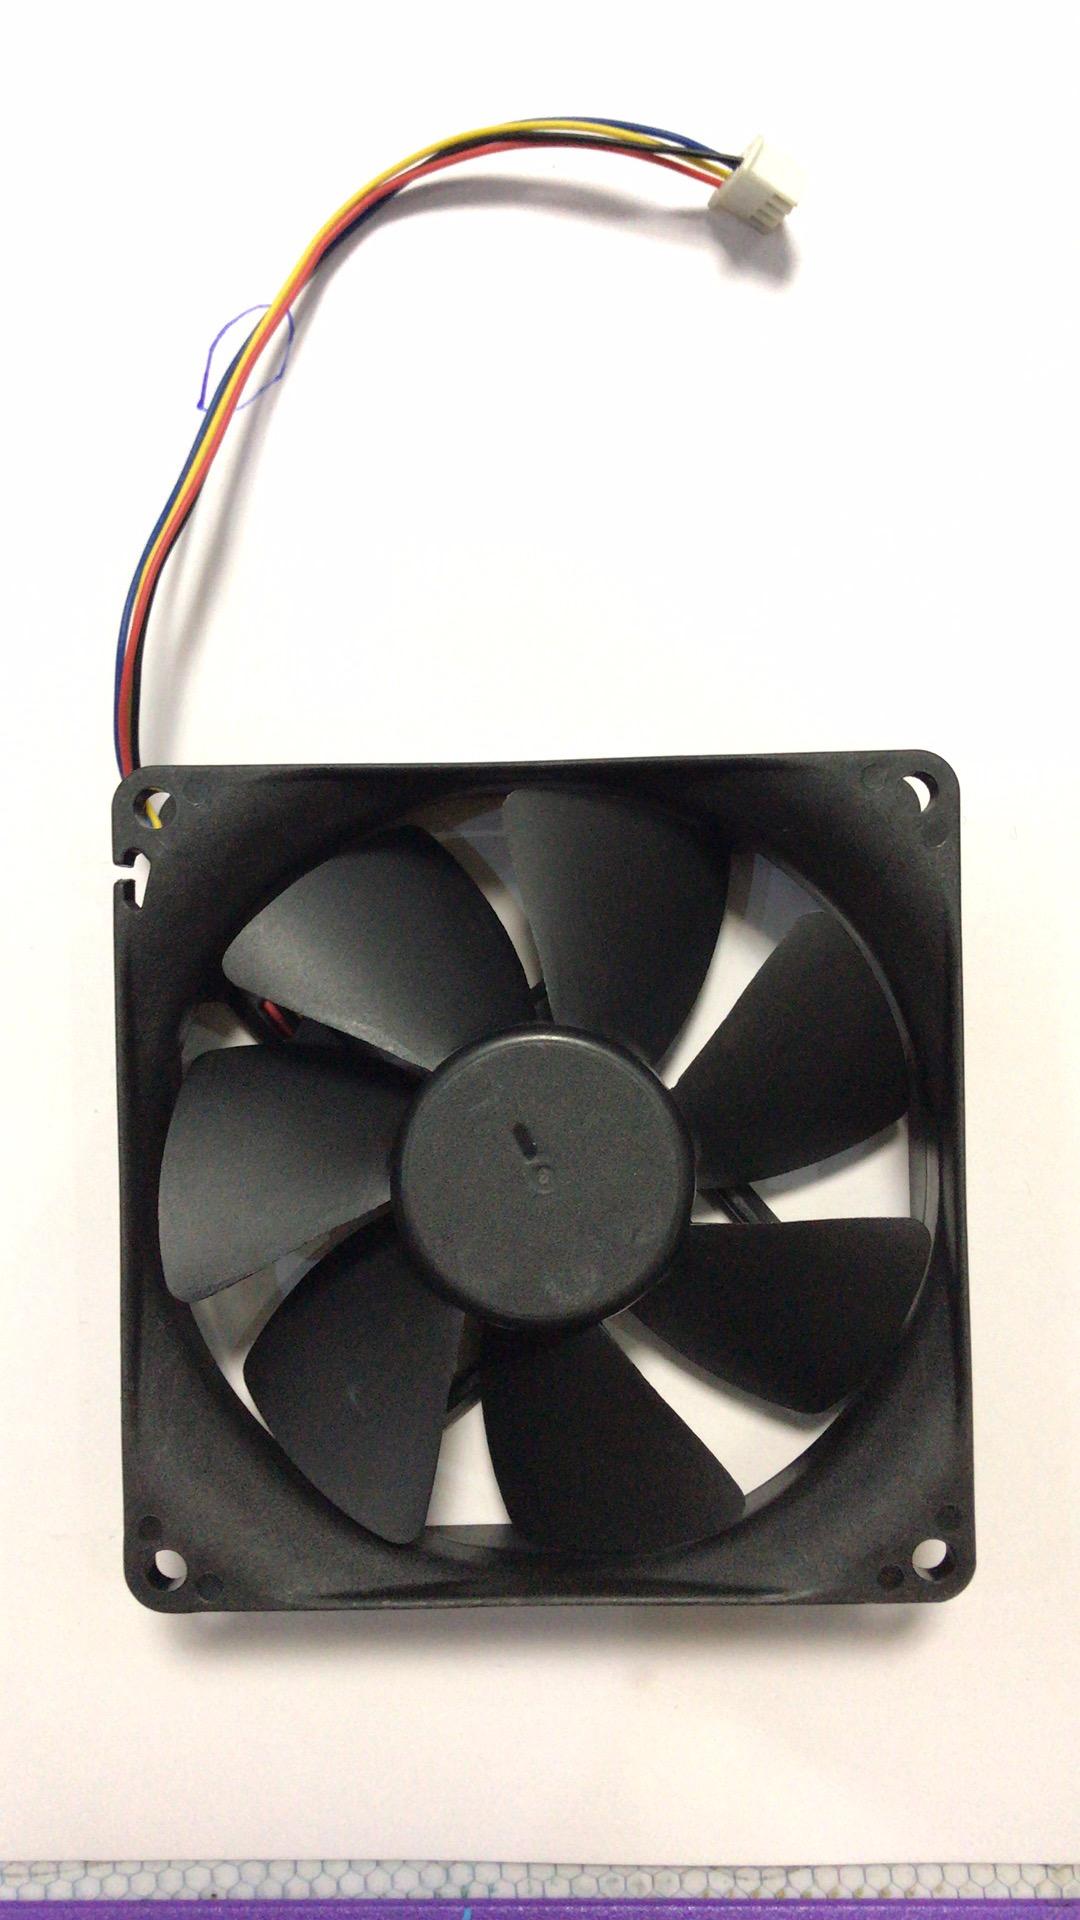 ADDA AD0924XB-A7BGP 24V 0.30A cooling fans